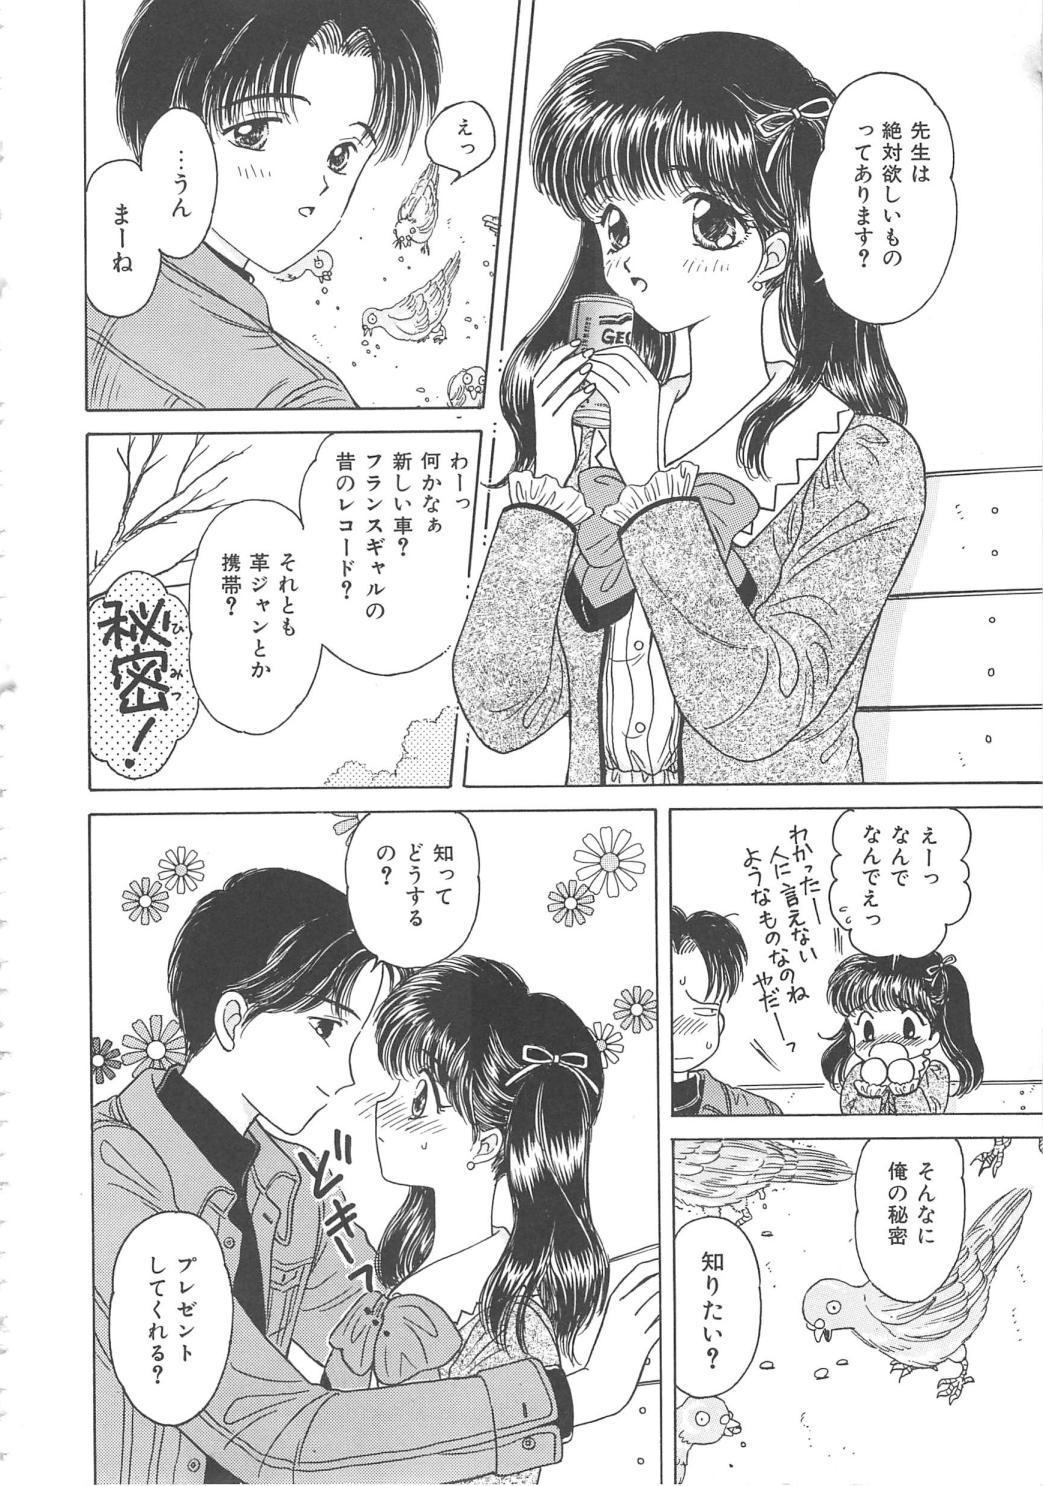 Shojyo Koutan 103